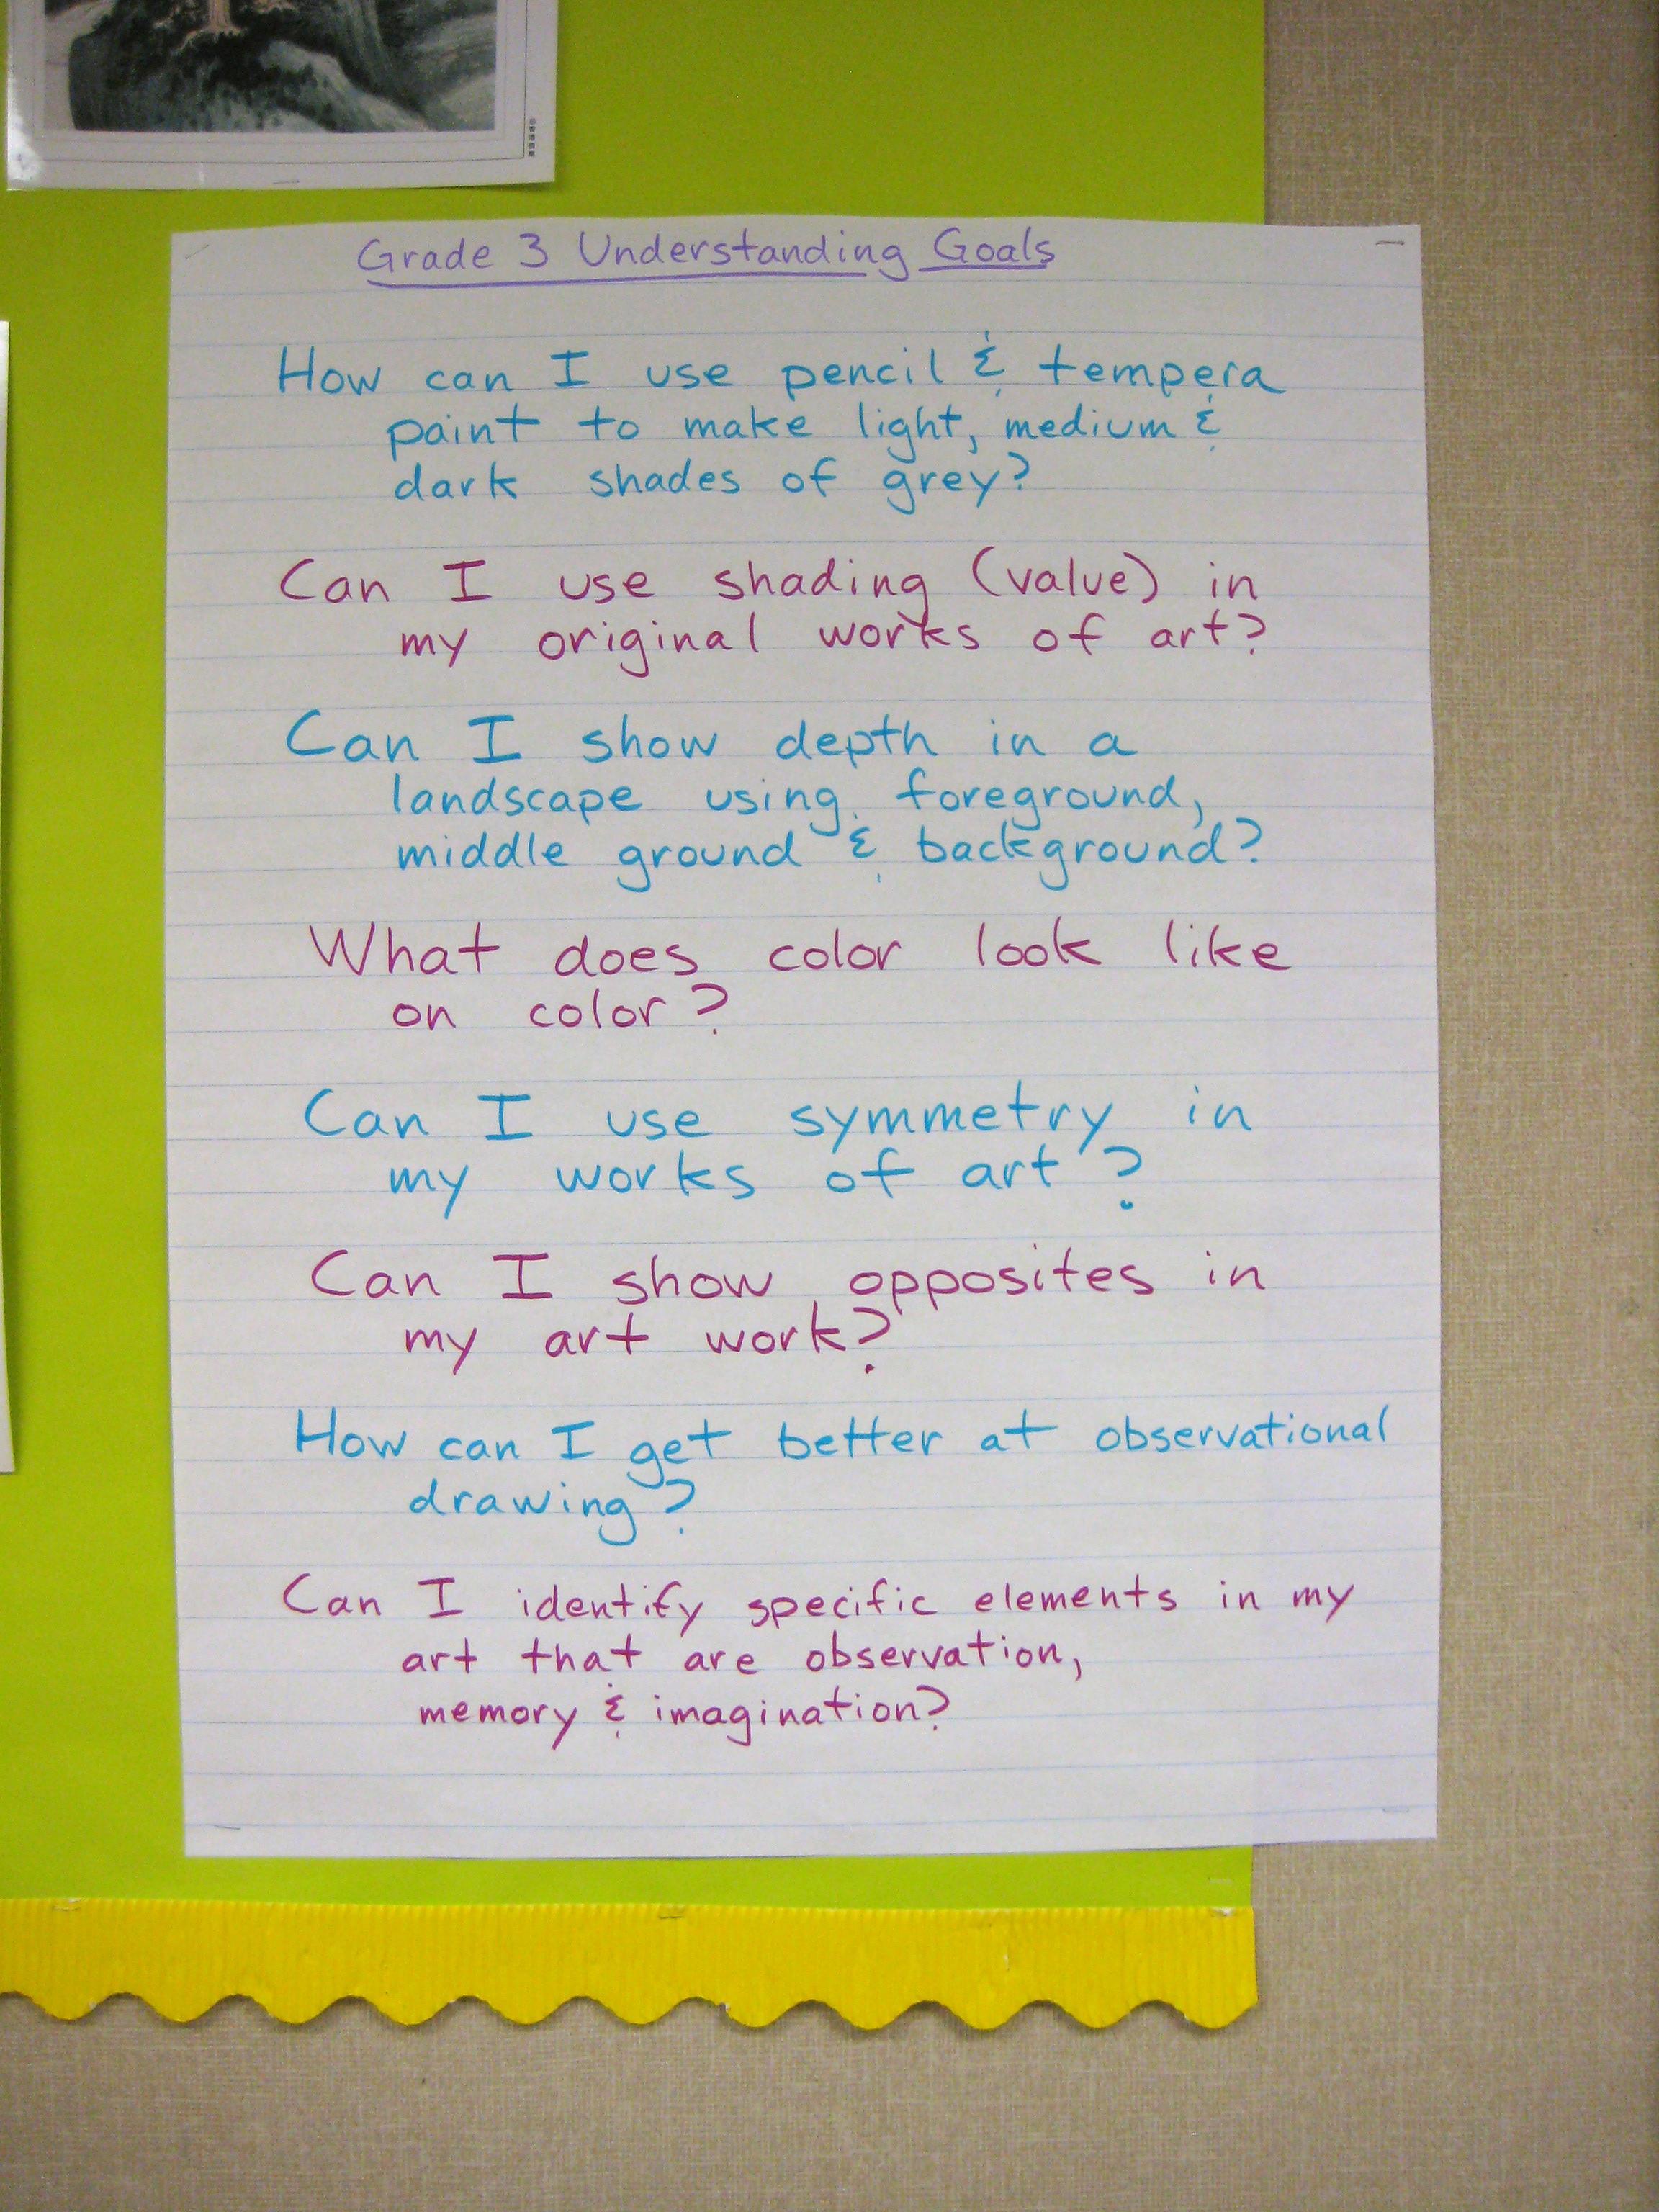 Understanding Goals, Grade 3